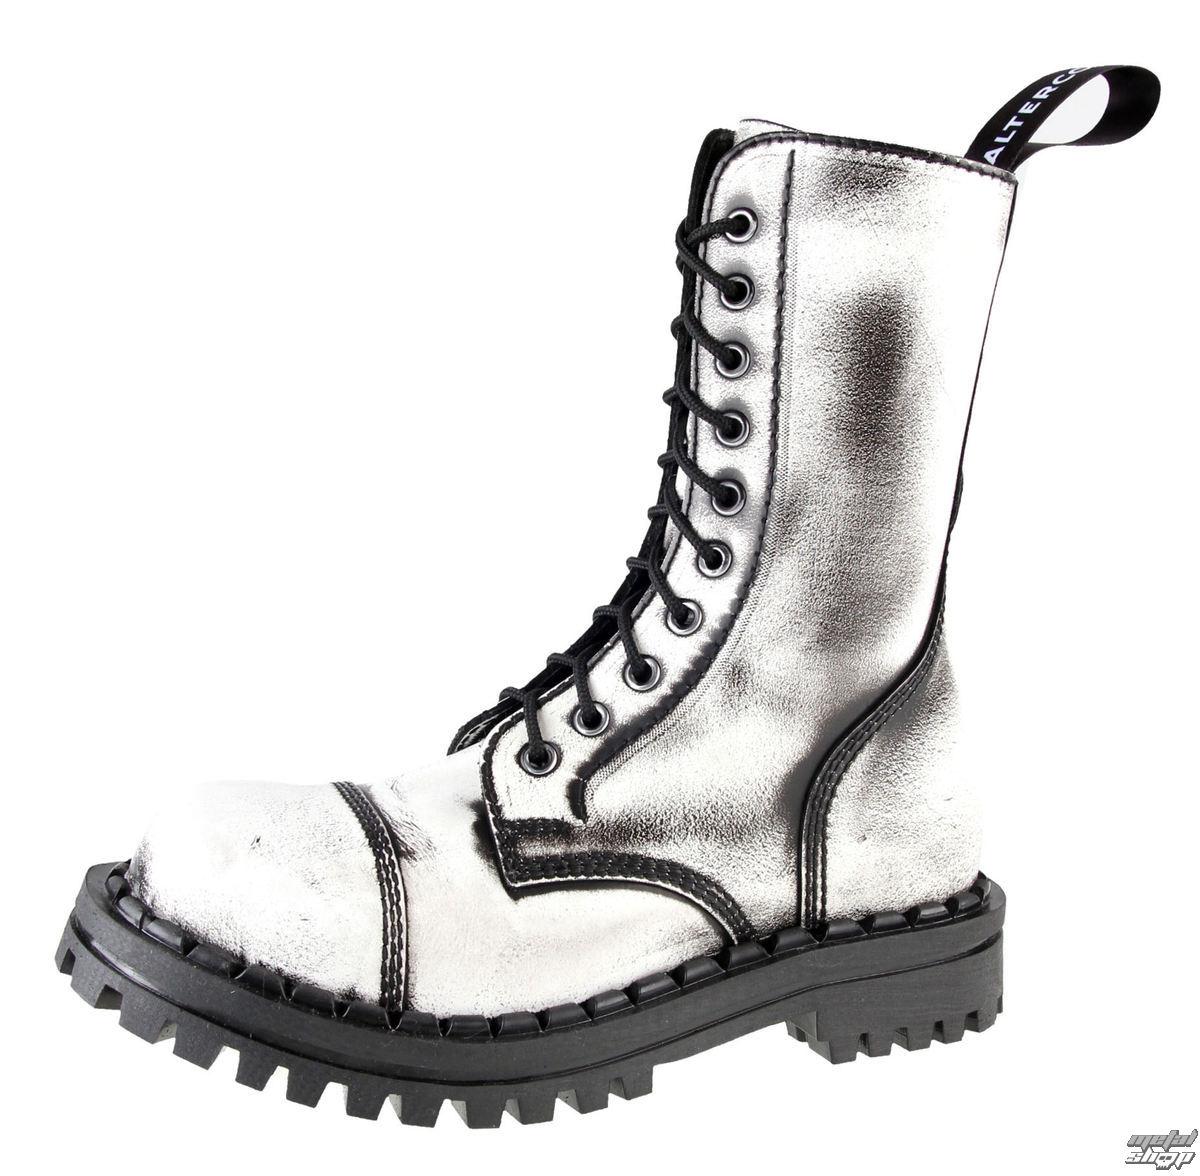 c688121631 ALTER CORE cipő - 10 lyukú - 351 - White Ledörzsölődését - Metalshop.hu